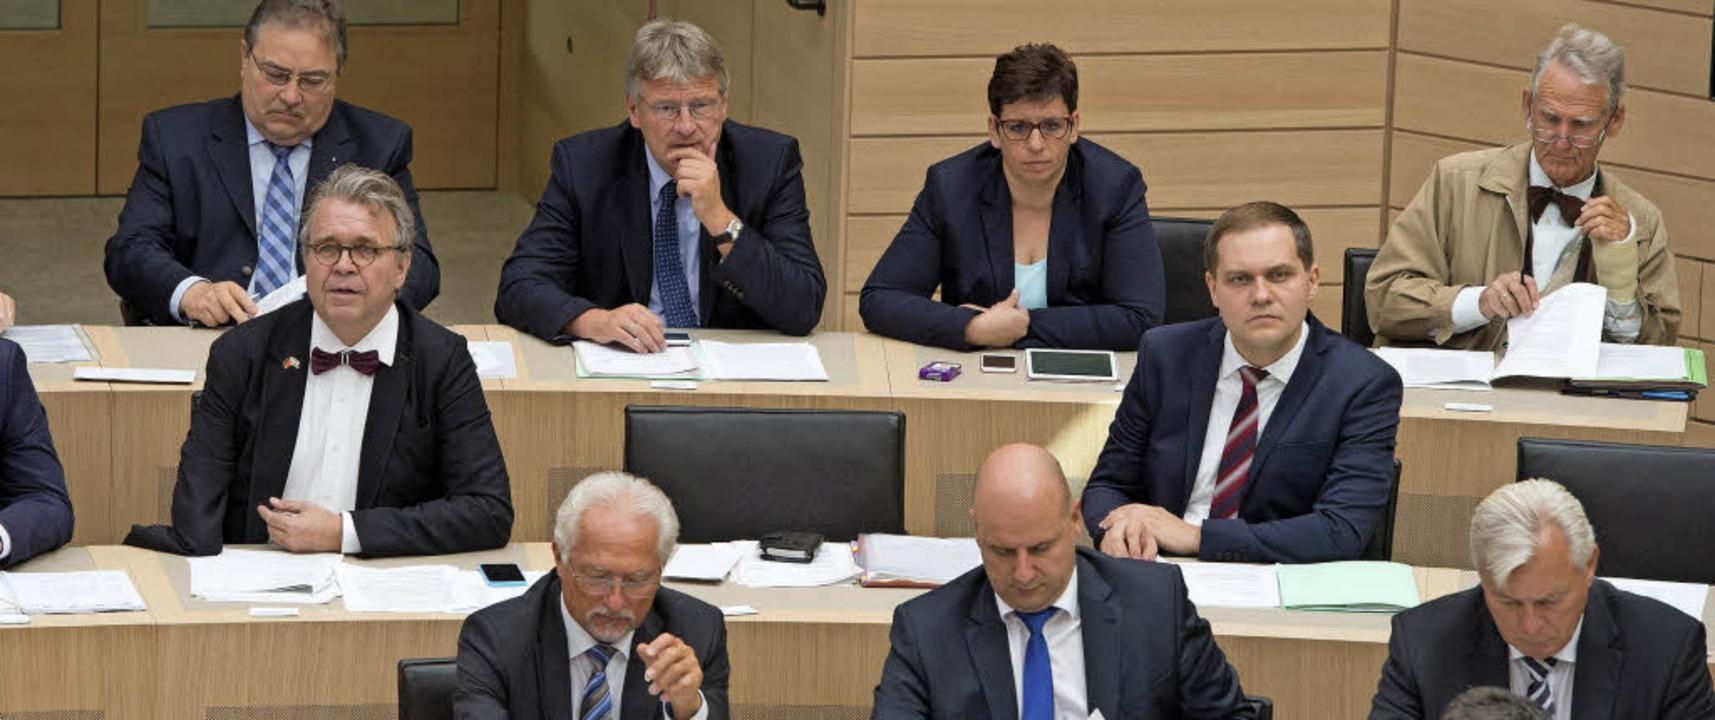 Bei der AfD sitzen Sie in der letzten Reihe:   Meuthen (hinten Mitte)   | Foto: dpa